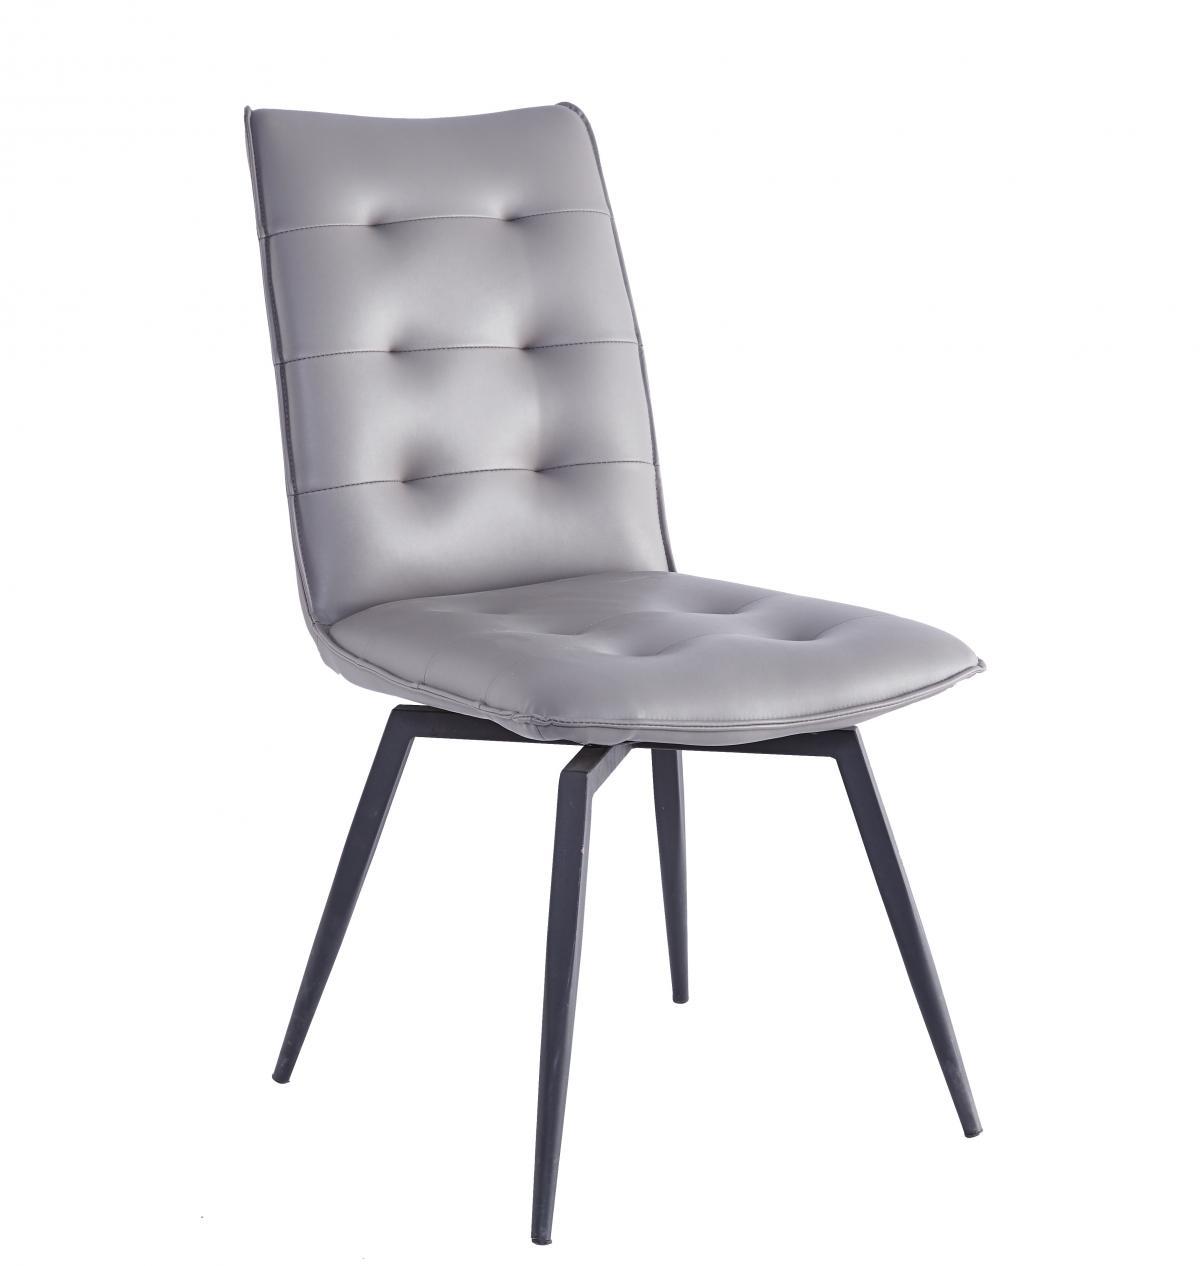 北欧靠背餐椅家用现代简约书桌凳子轻奢铁艺网红餐厅酒店餐桌椅子